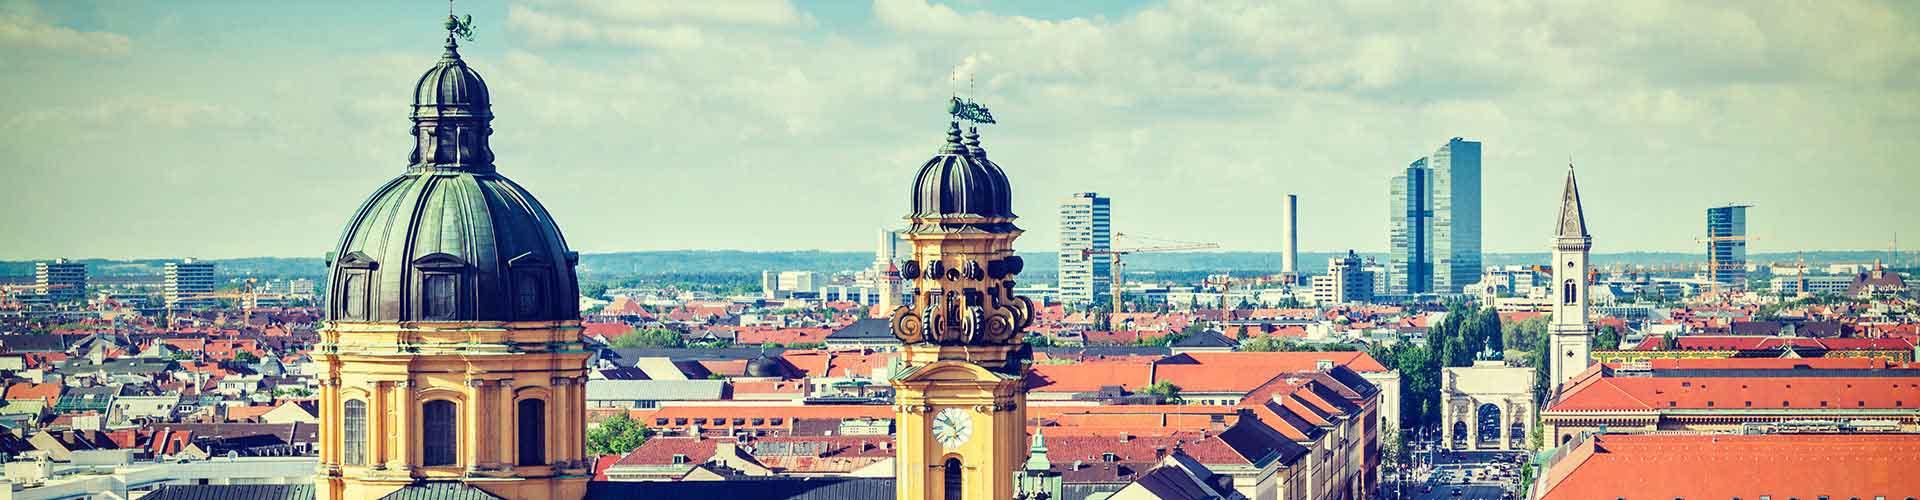 München – Hostels im Stadtteil Stadtbezirk 23. München auf der Karte. Fotos und Bewertungen für jedes Hostel in München.